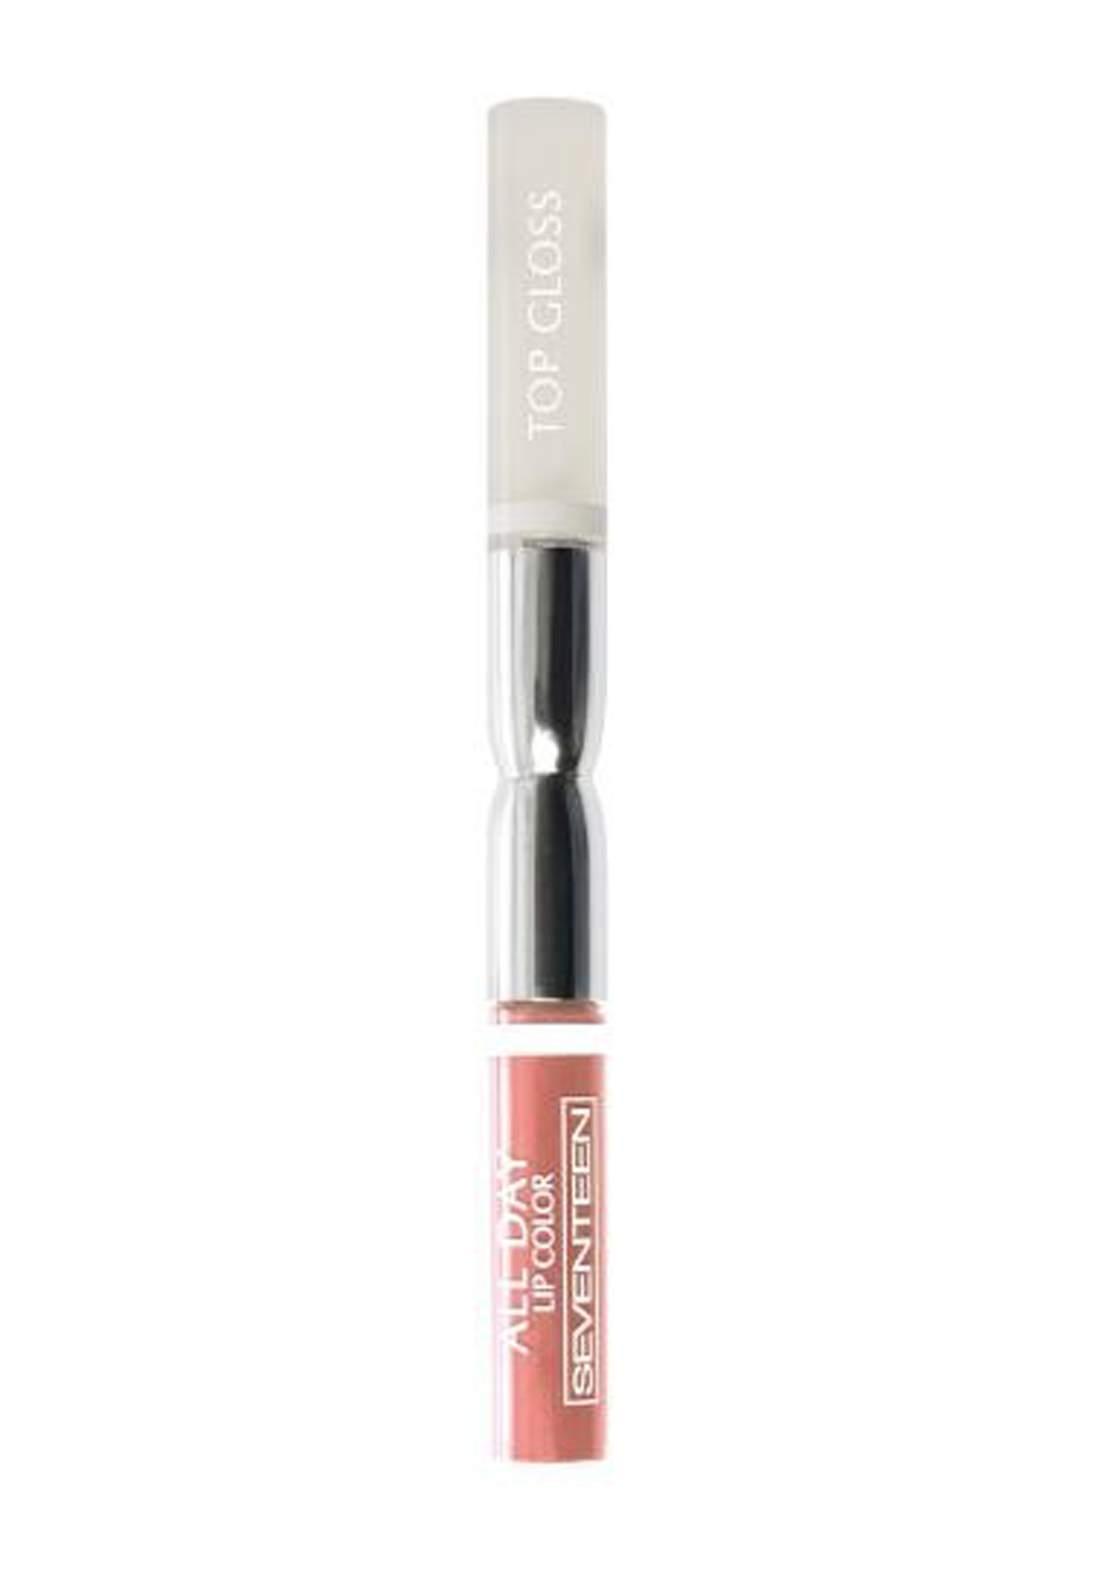 Seventeen All Day Lip Color & Top Gloss Ice Peach No. 19  ملمع شفاه